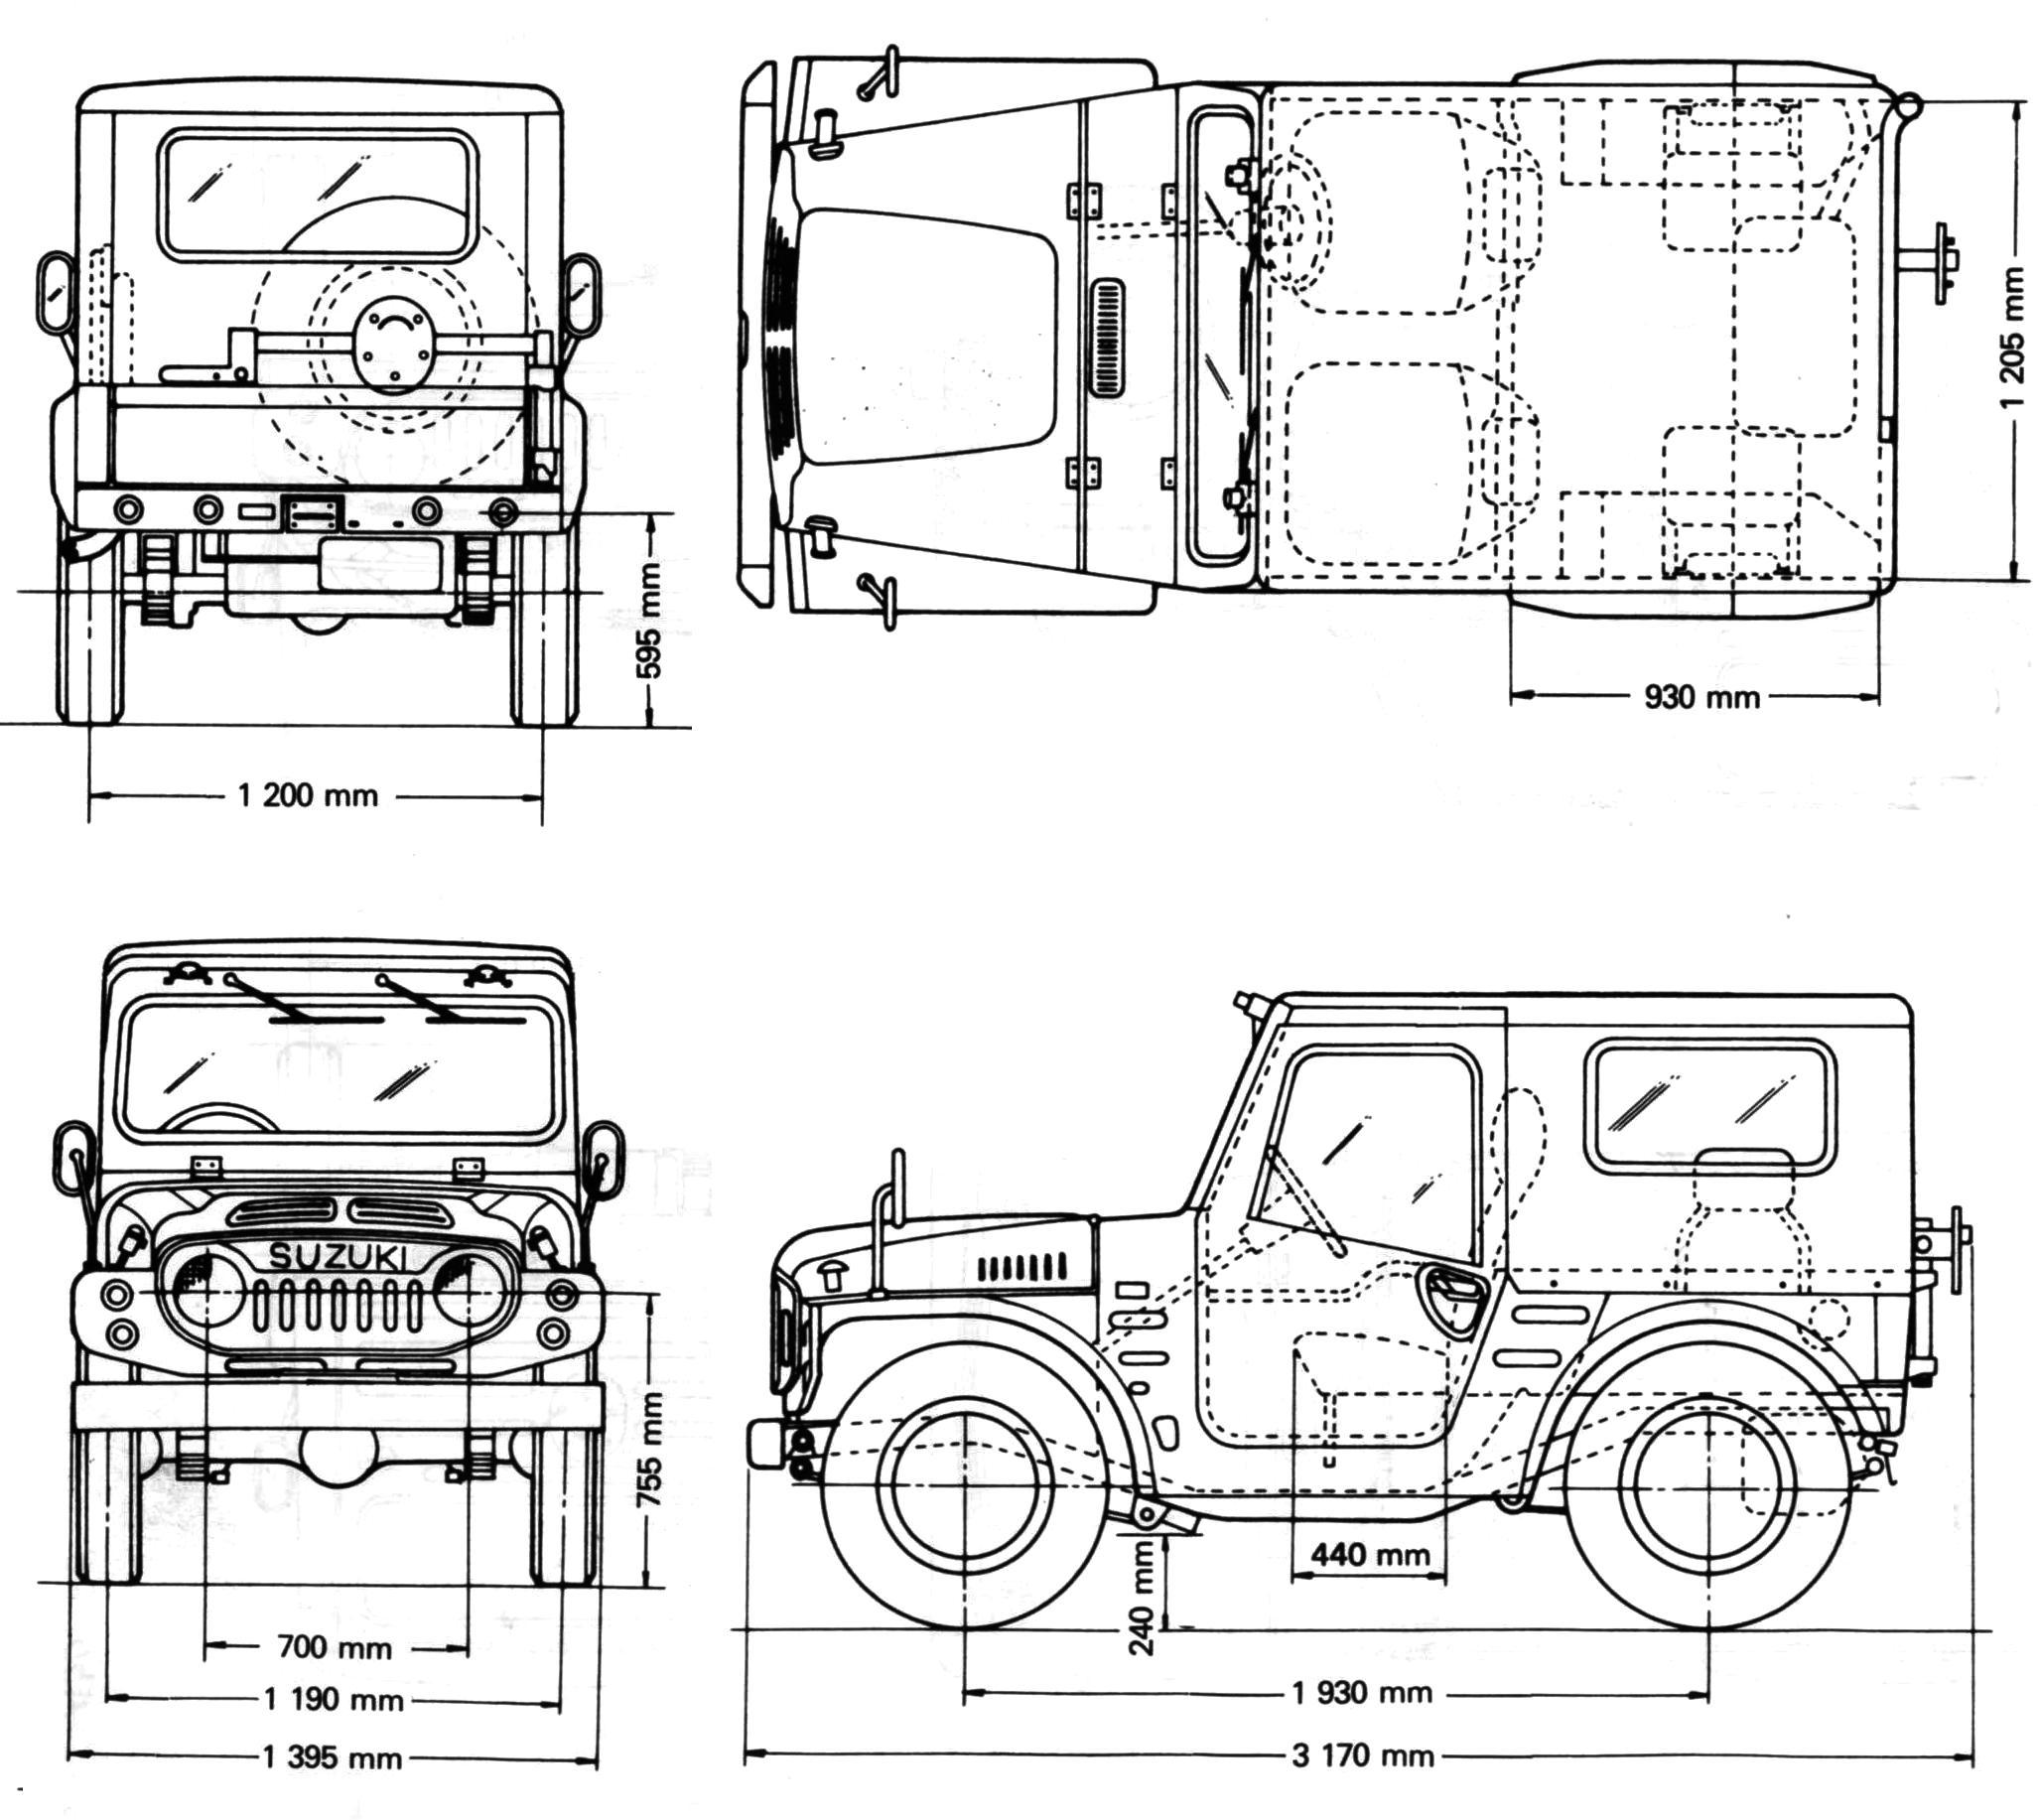 Suzuki Lj80 Ein Oloffroader Daten